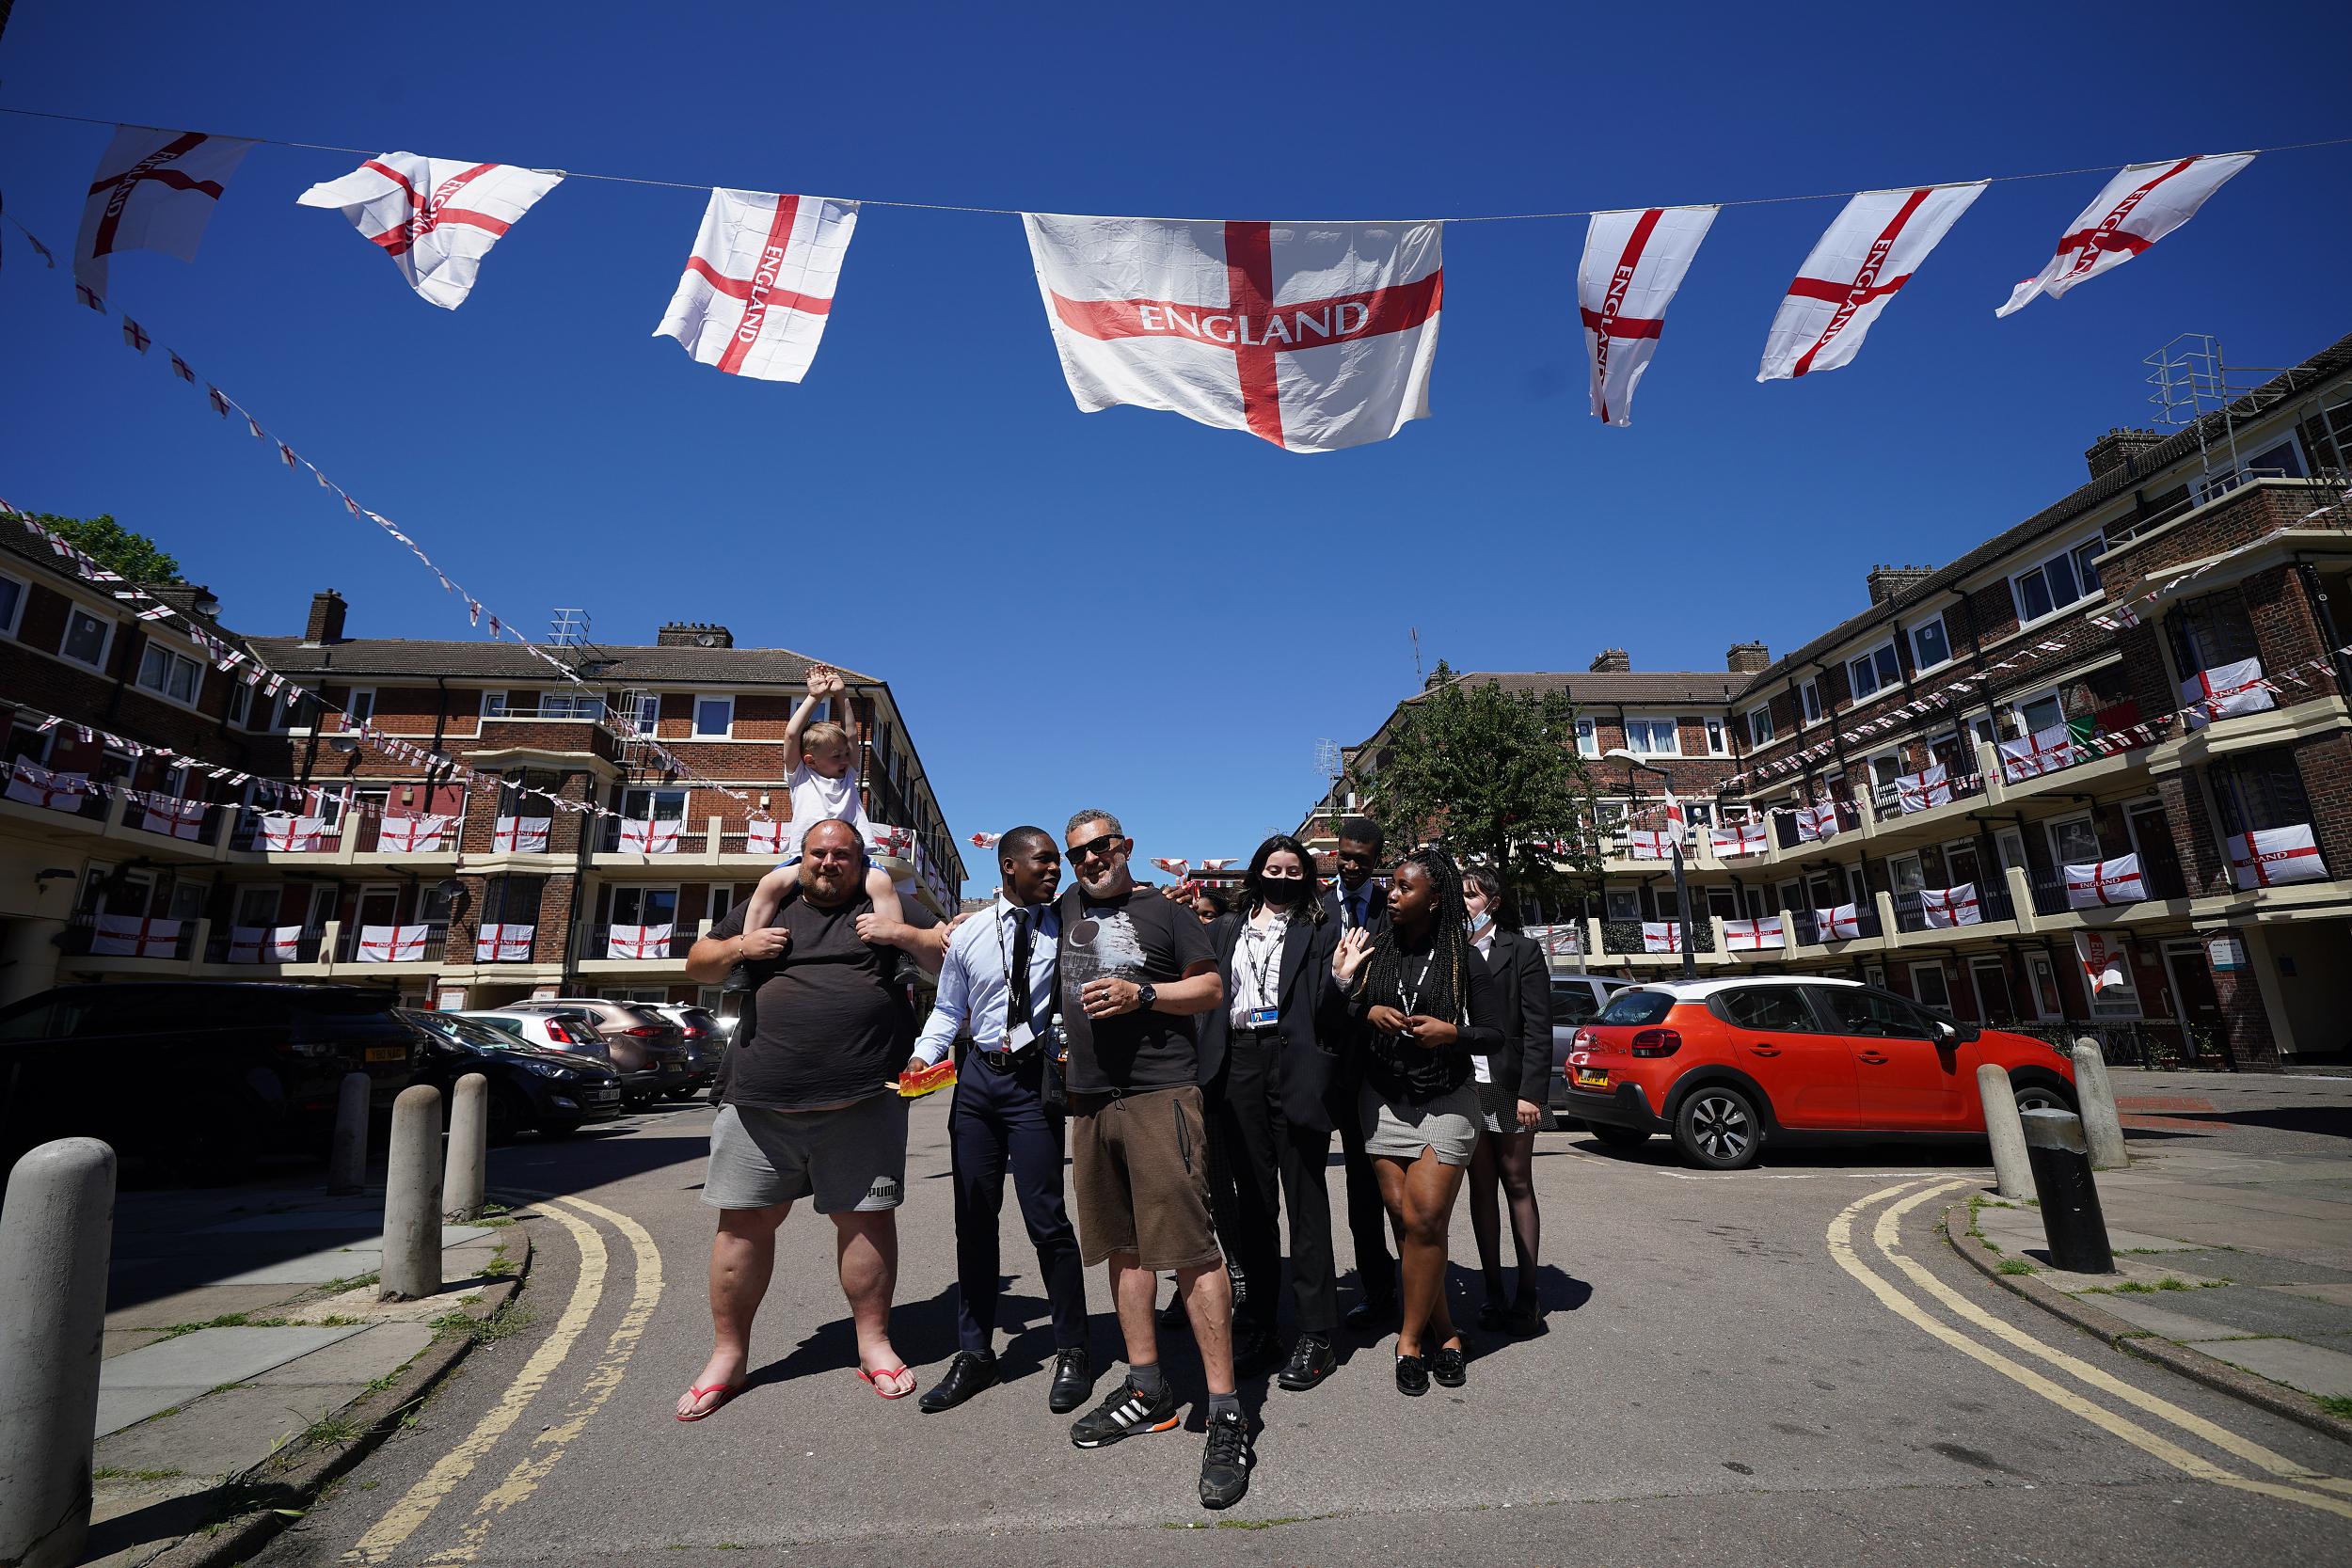 英格兰球迷。